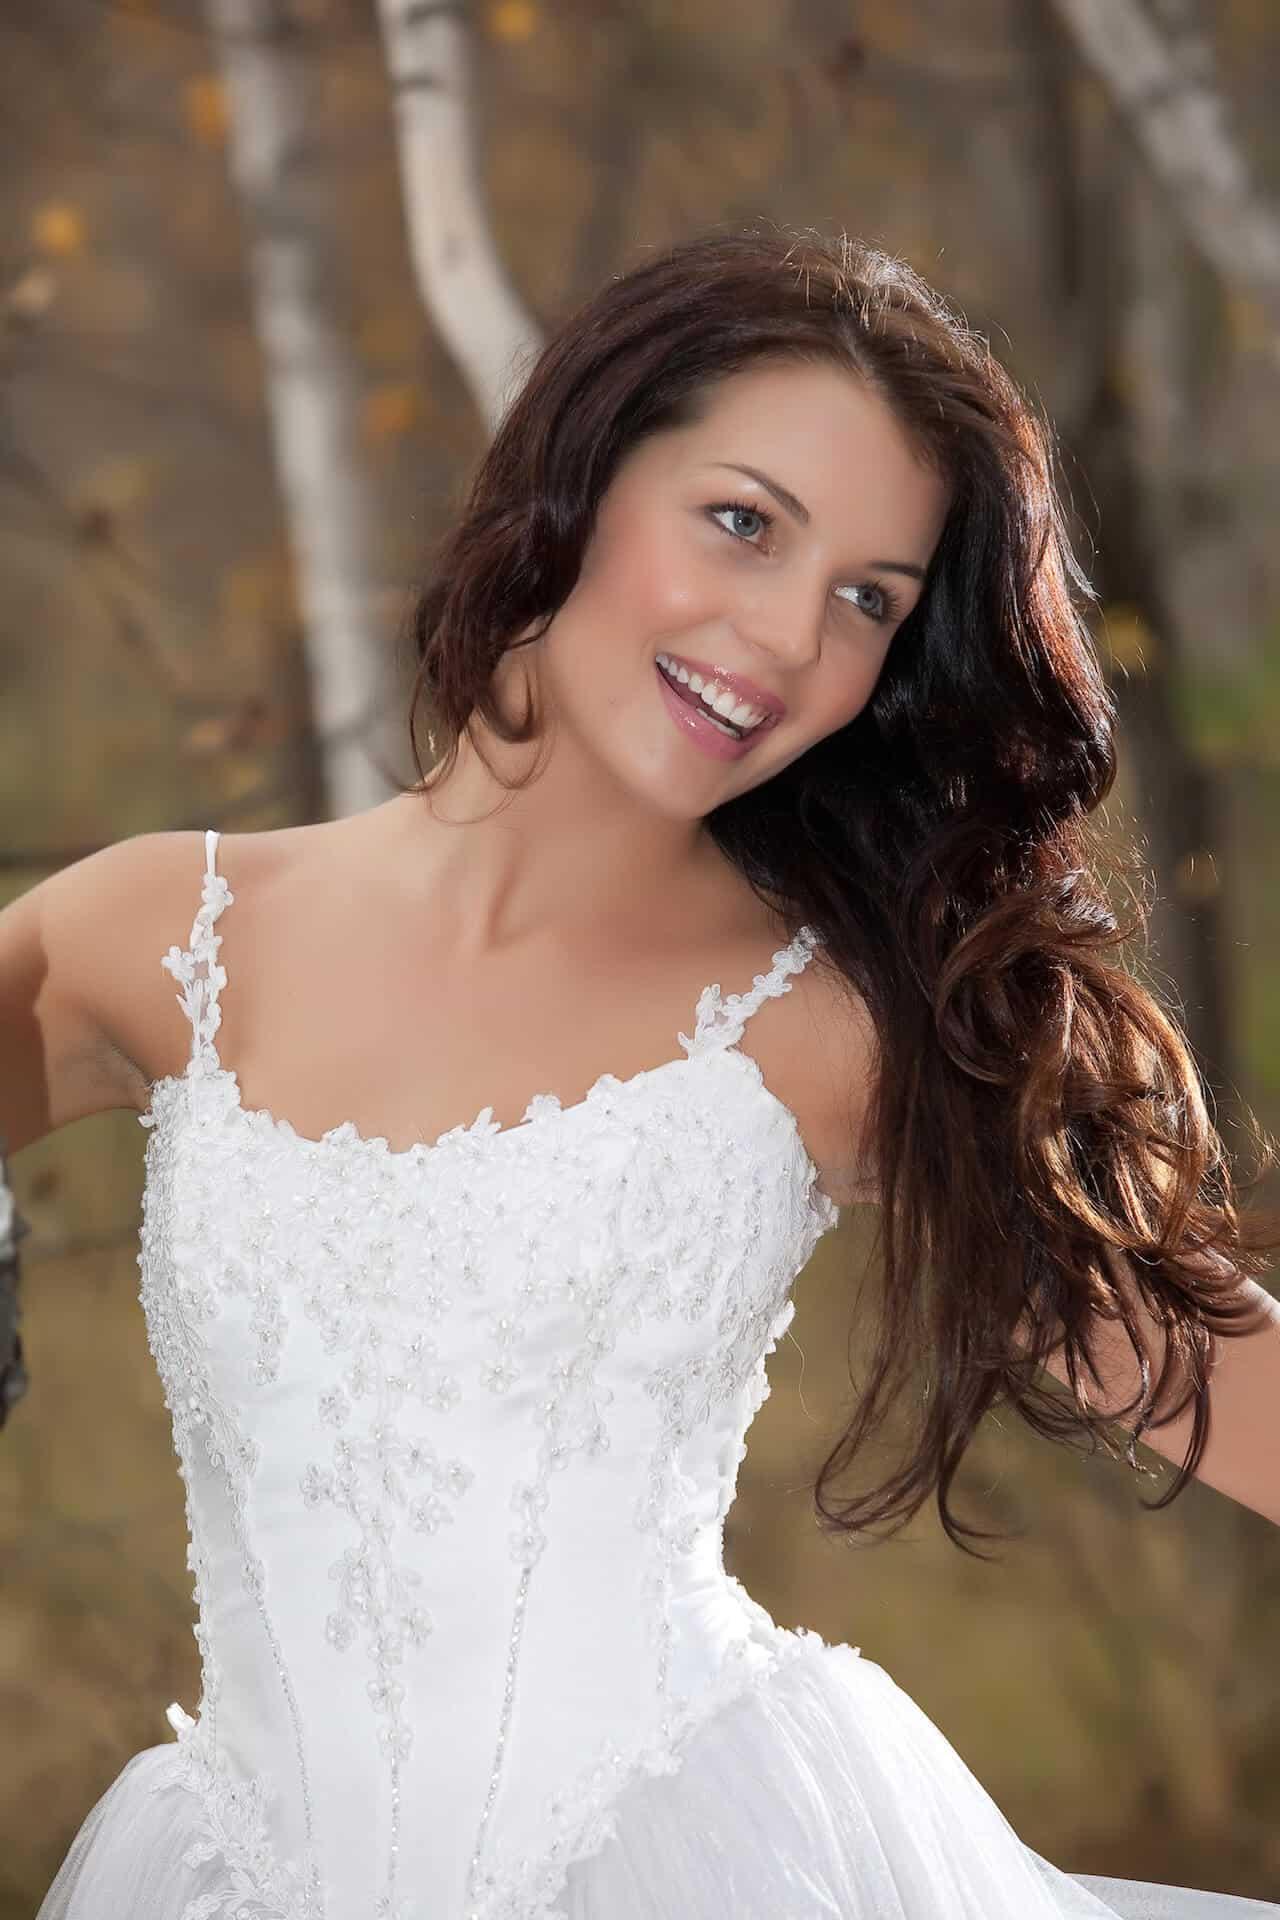 Usmívající se nevěsta s hnědými dlouhými vlasy